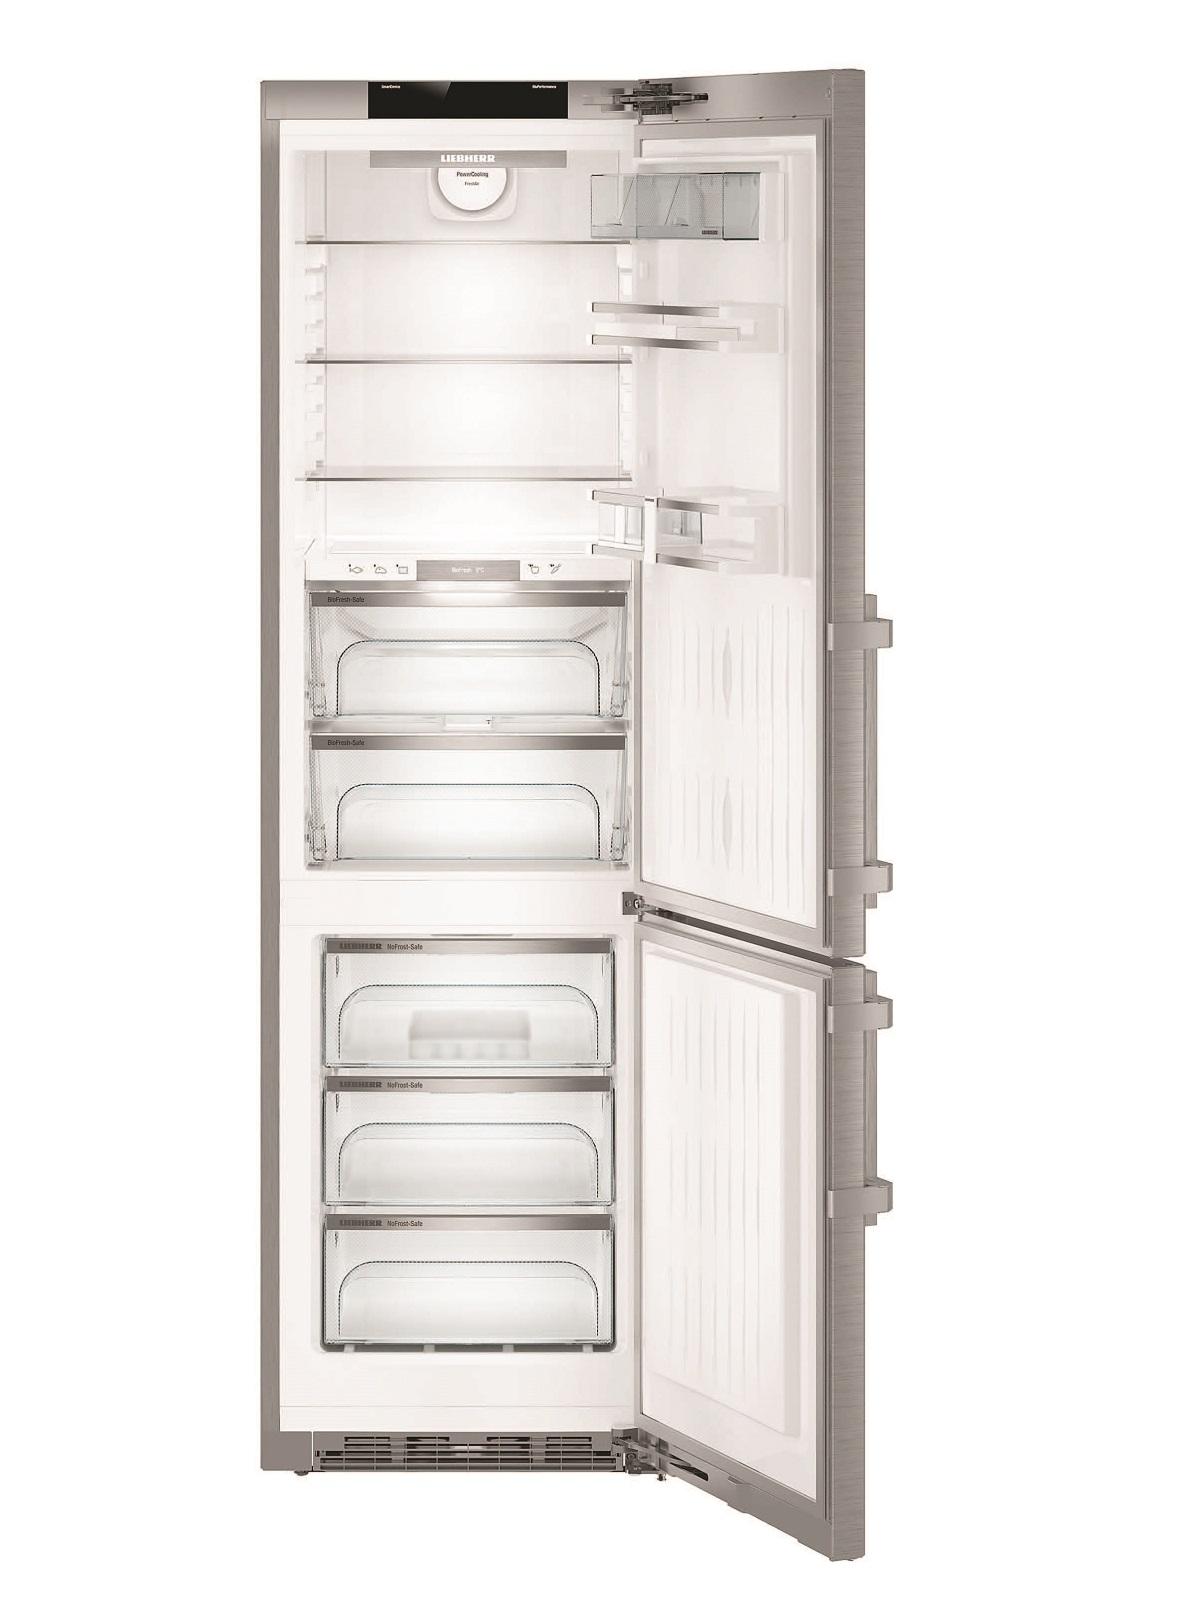 купить Двухкамерный холодильник Liebherr CBNies 4878 Украина фото 3